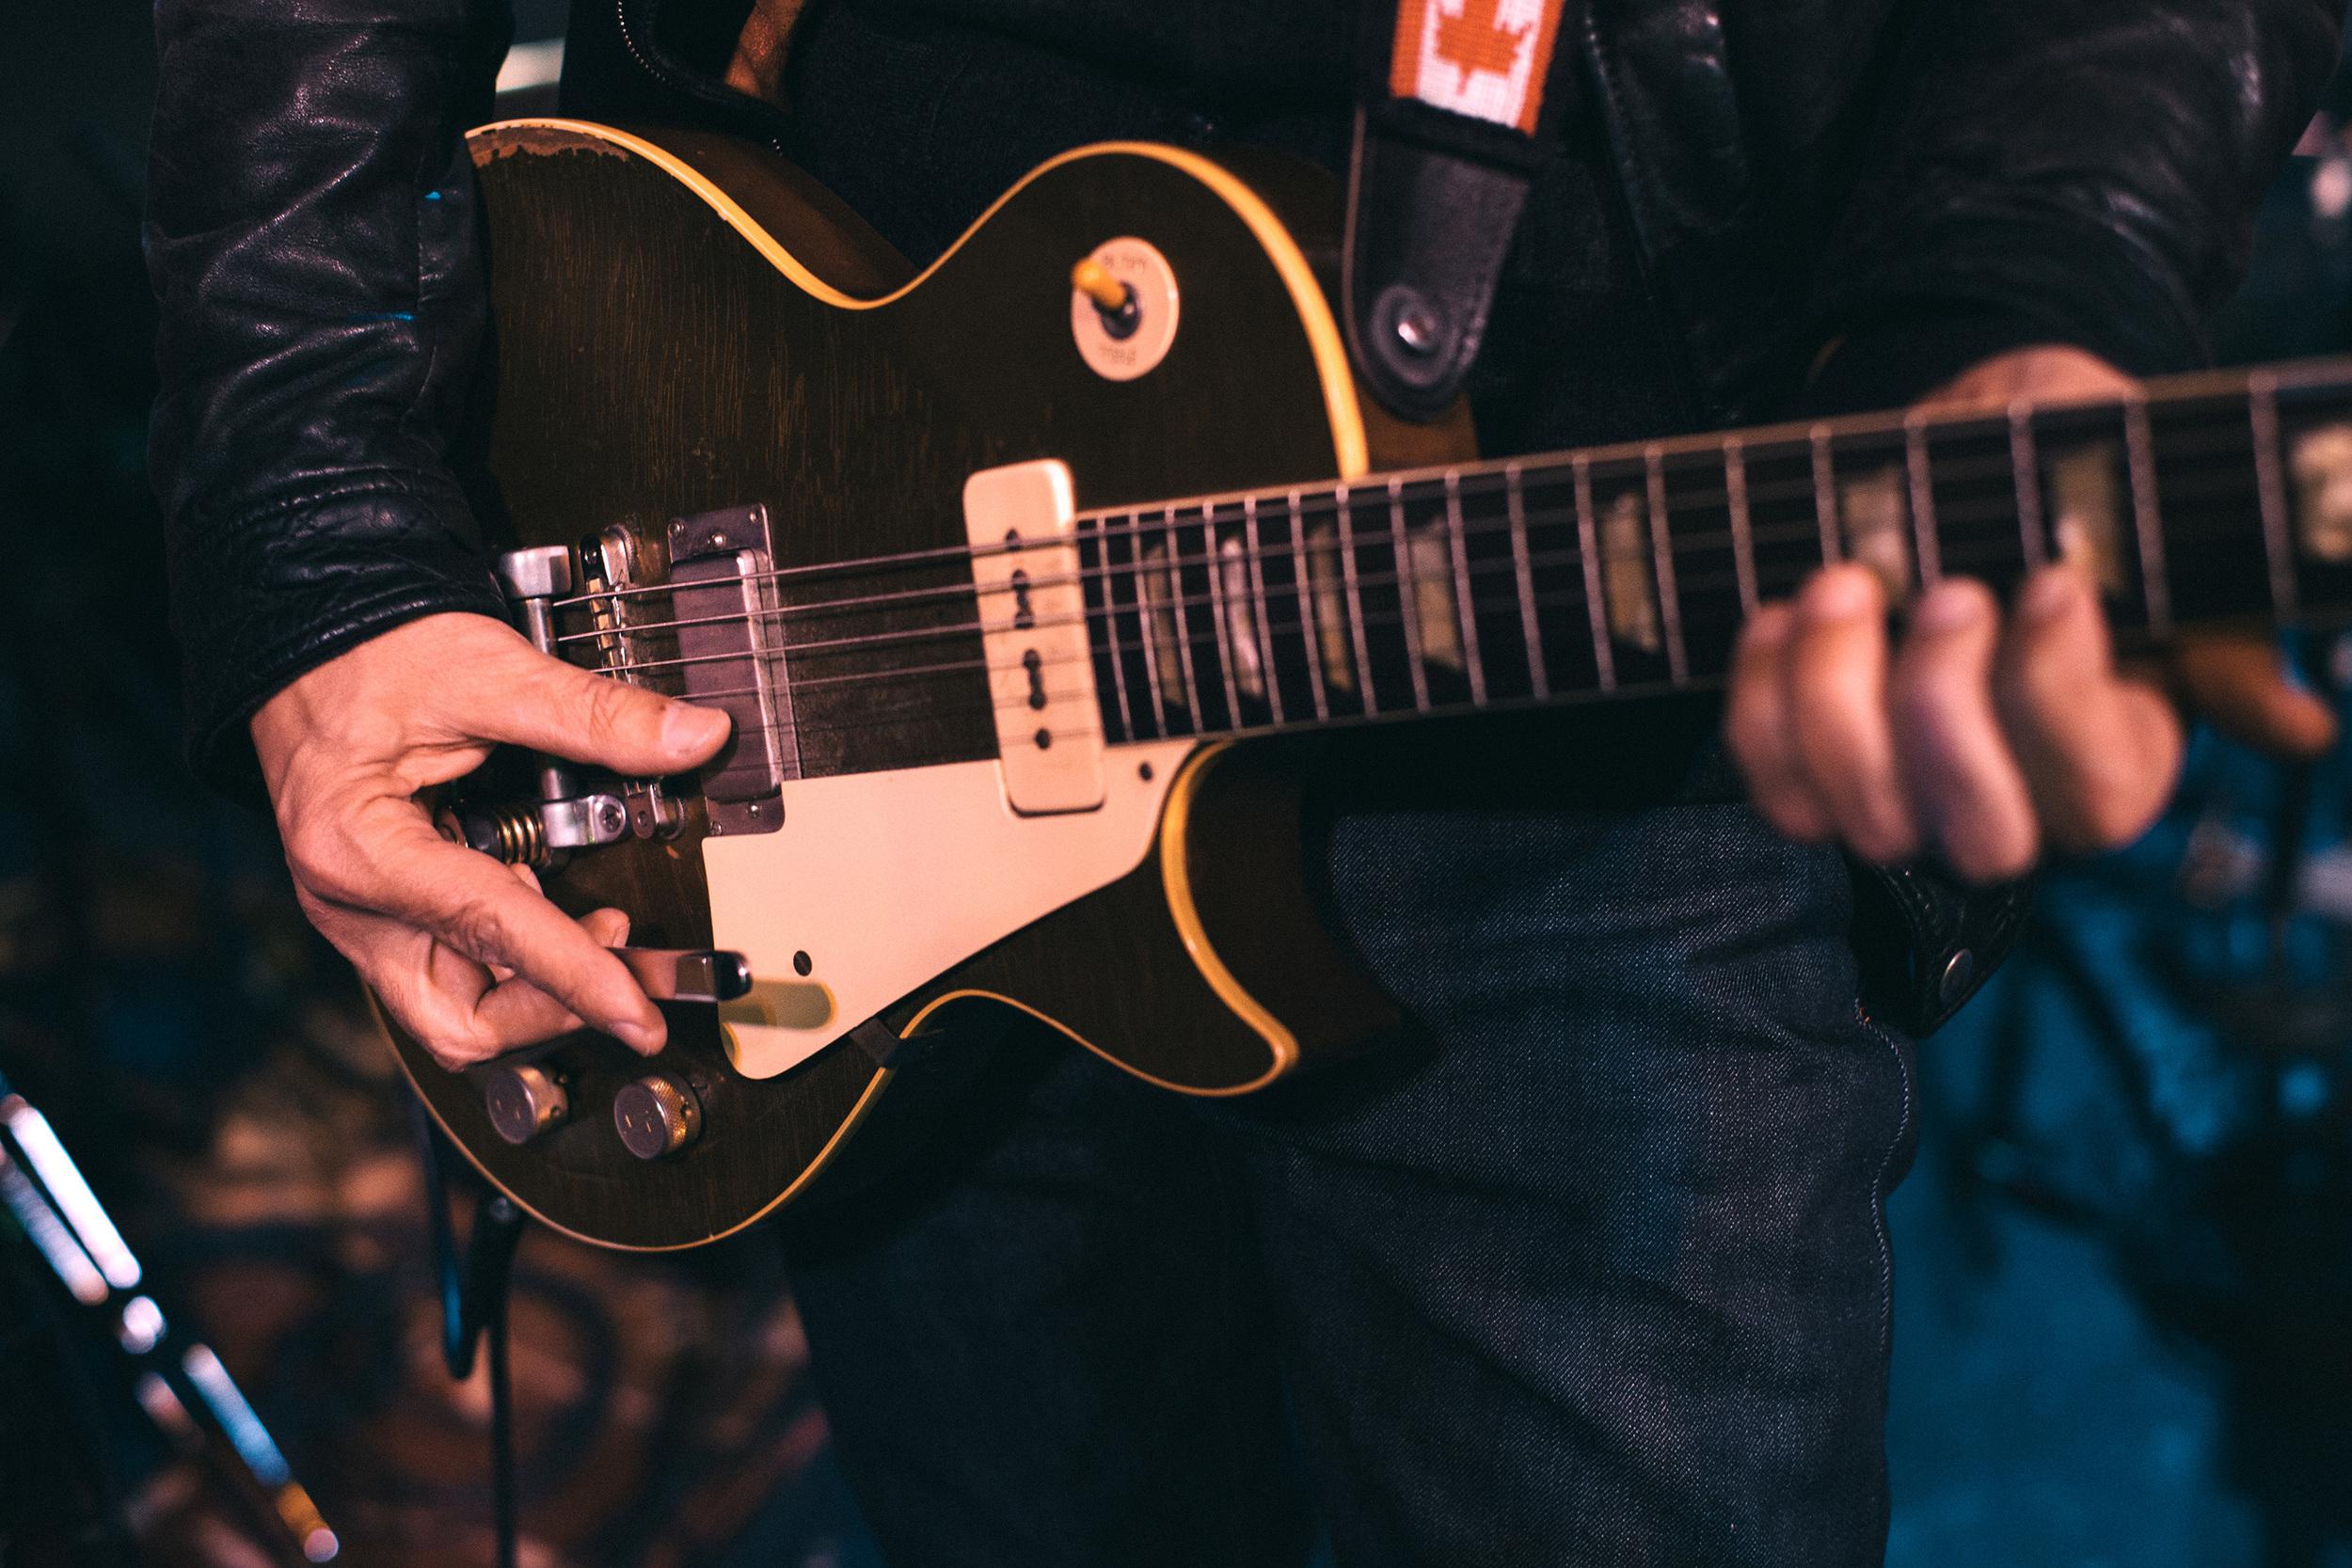 Dan Lanois: 1953 Gibson Les Paul Goldtop